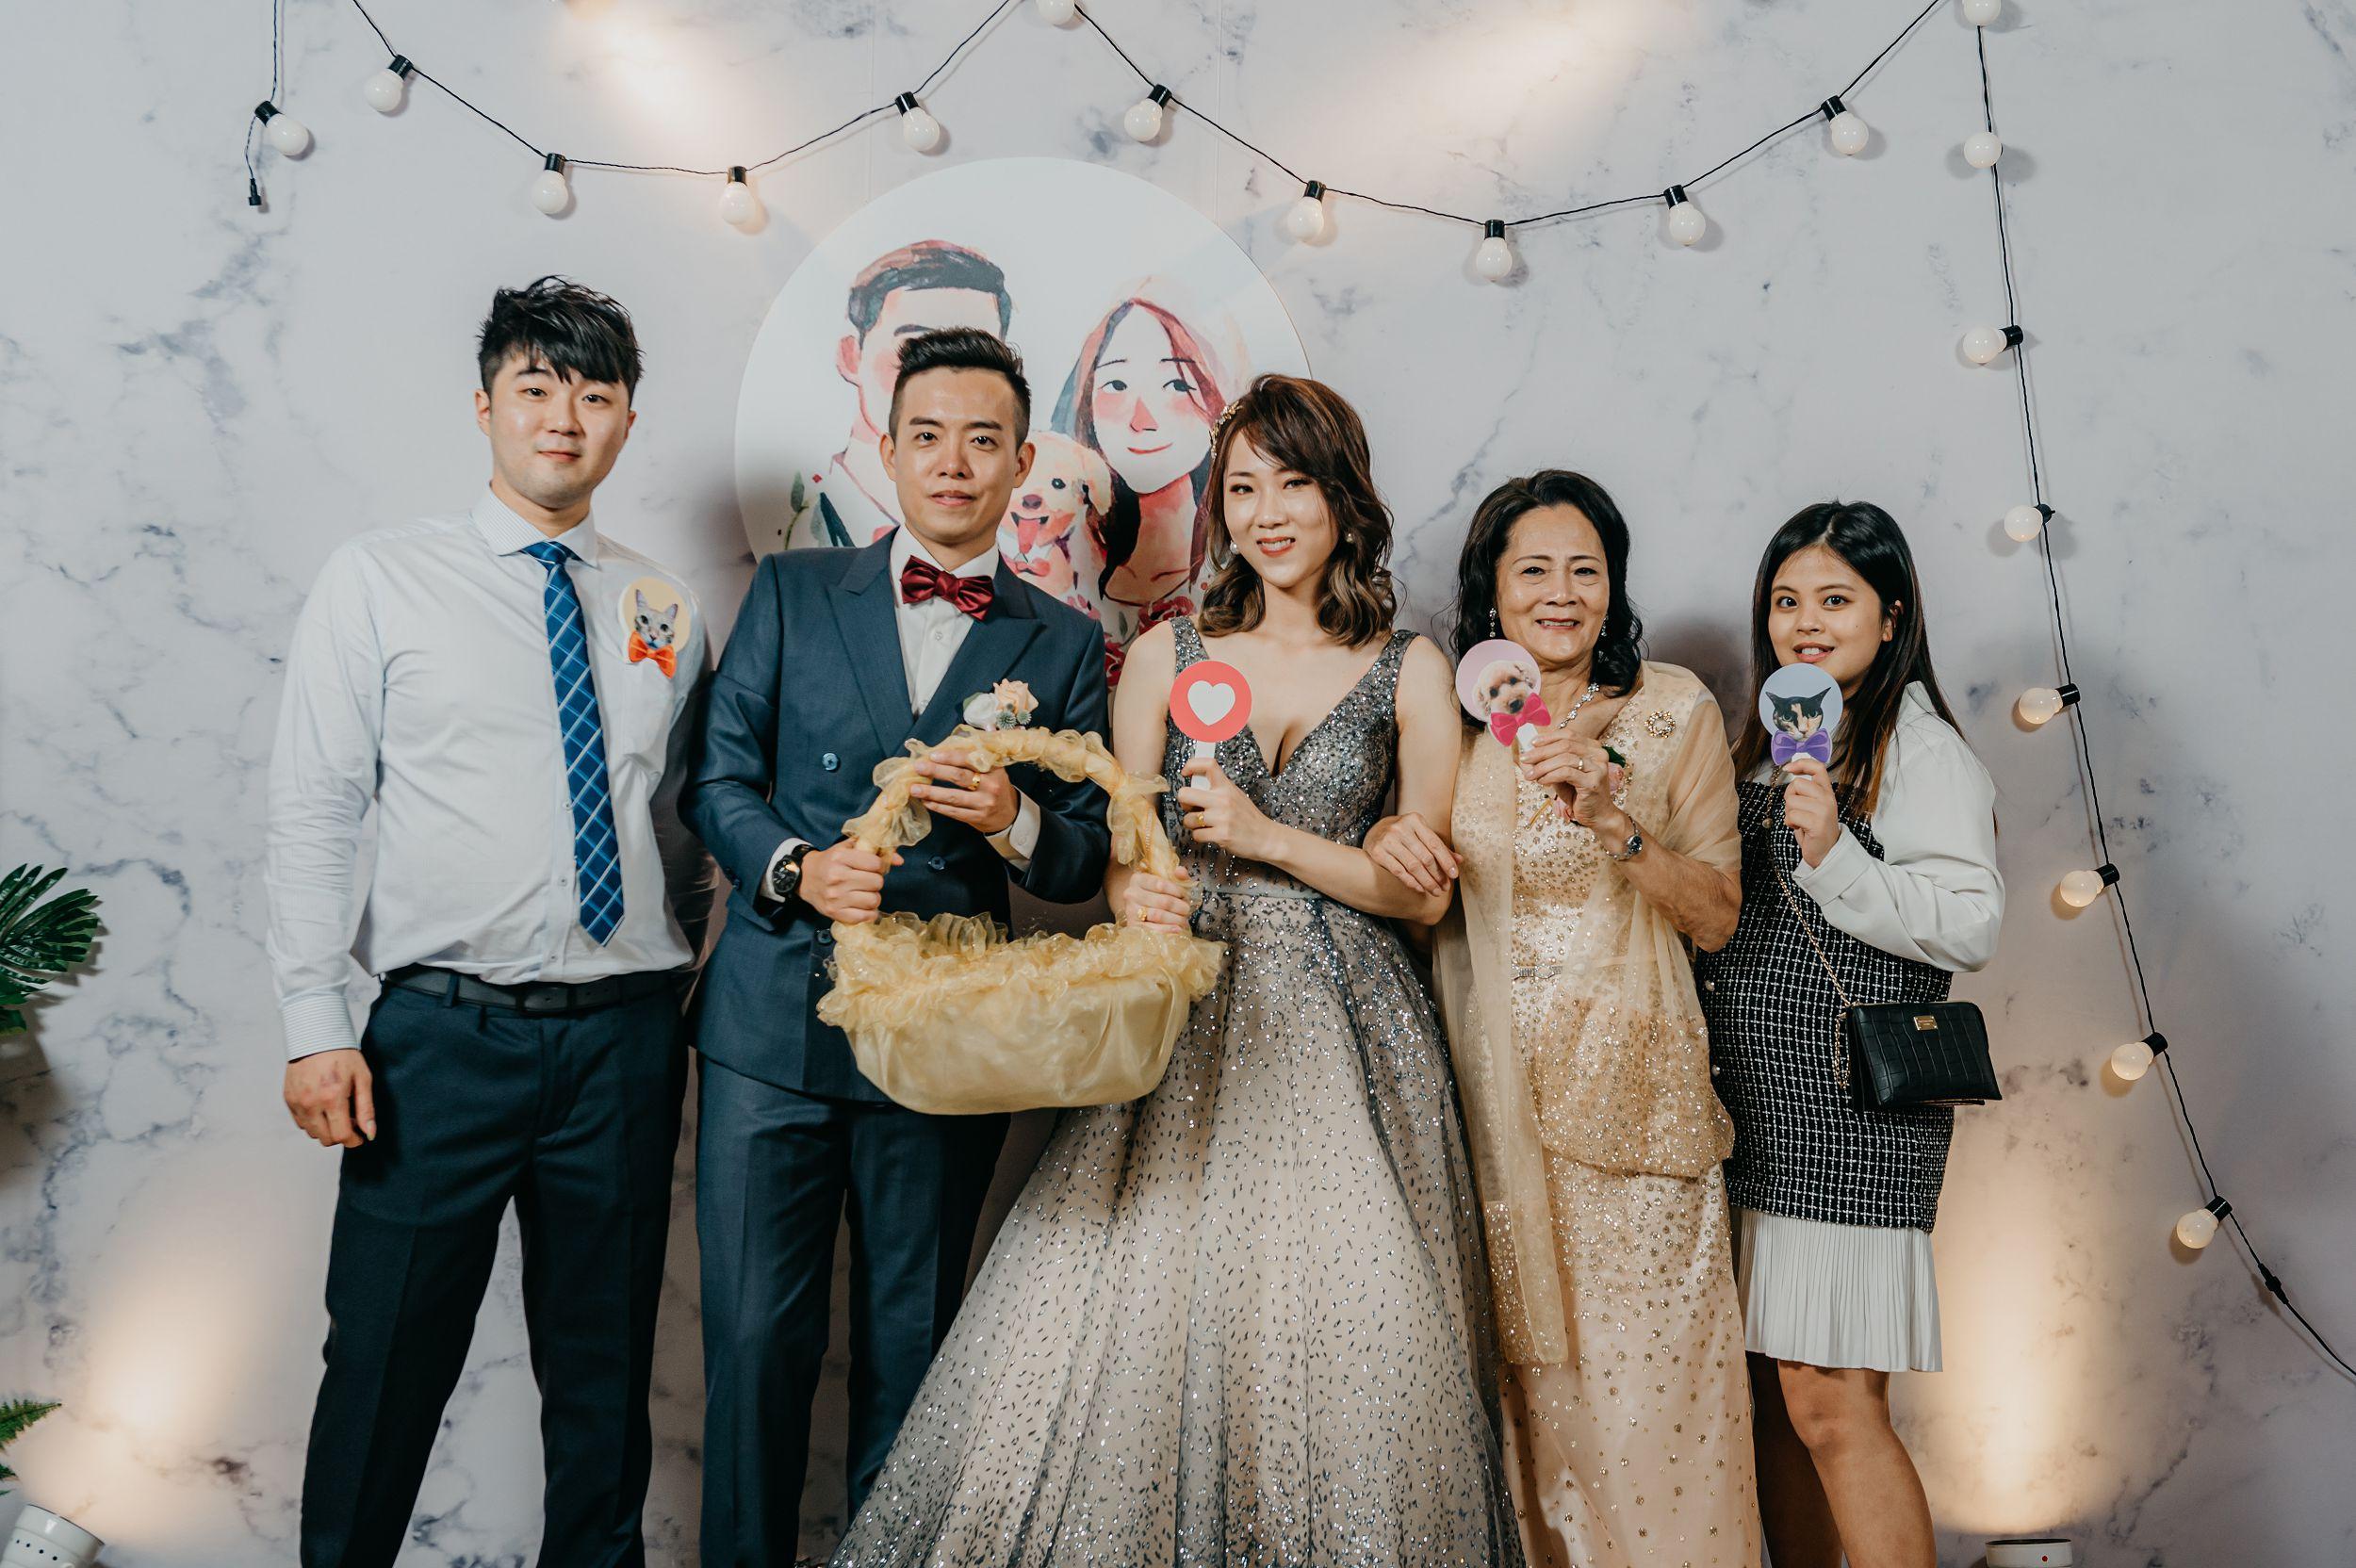 婚禮紀錄,婚禮紀實,婚攝,北部攝影師,台北,圓山飯店,儀式,類婚紗,造型師,新秘,婚錄,白日夢工廠,動態錄影,雙機攝影,風雲20,新娘物語推薦,PTT推薦,美式攝影,